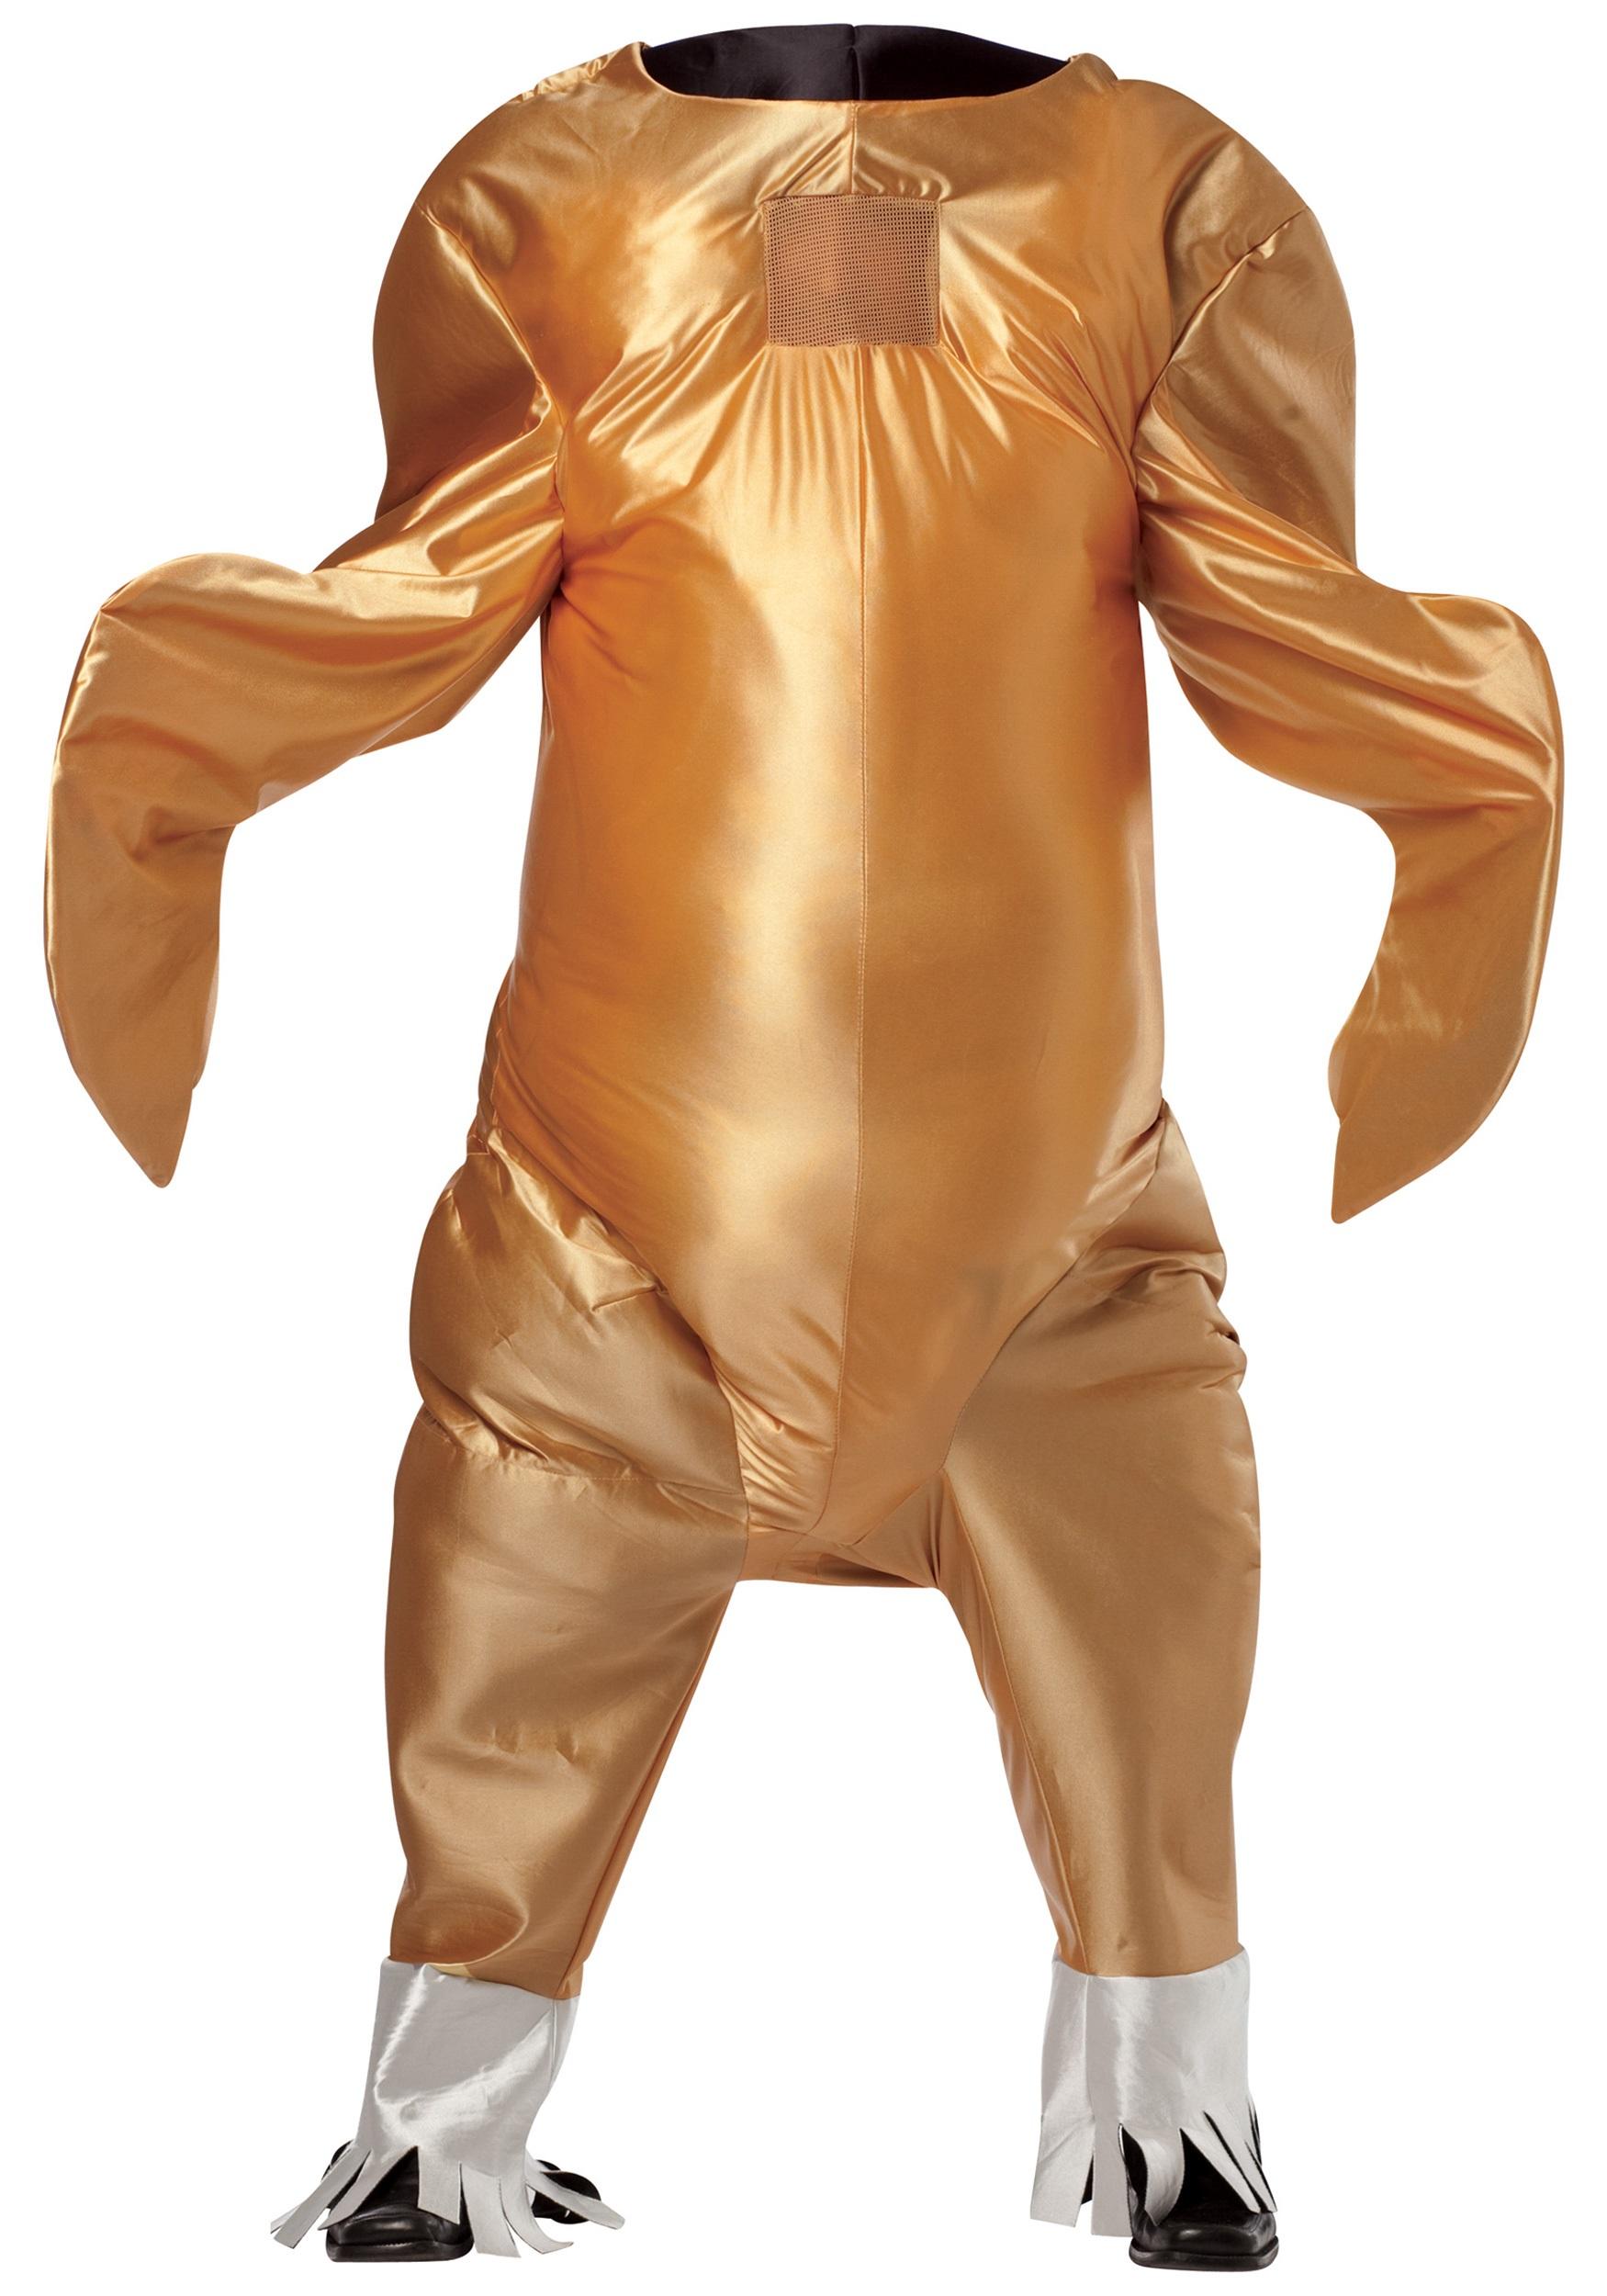 gobbler-the-turkey-costume